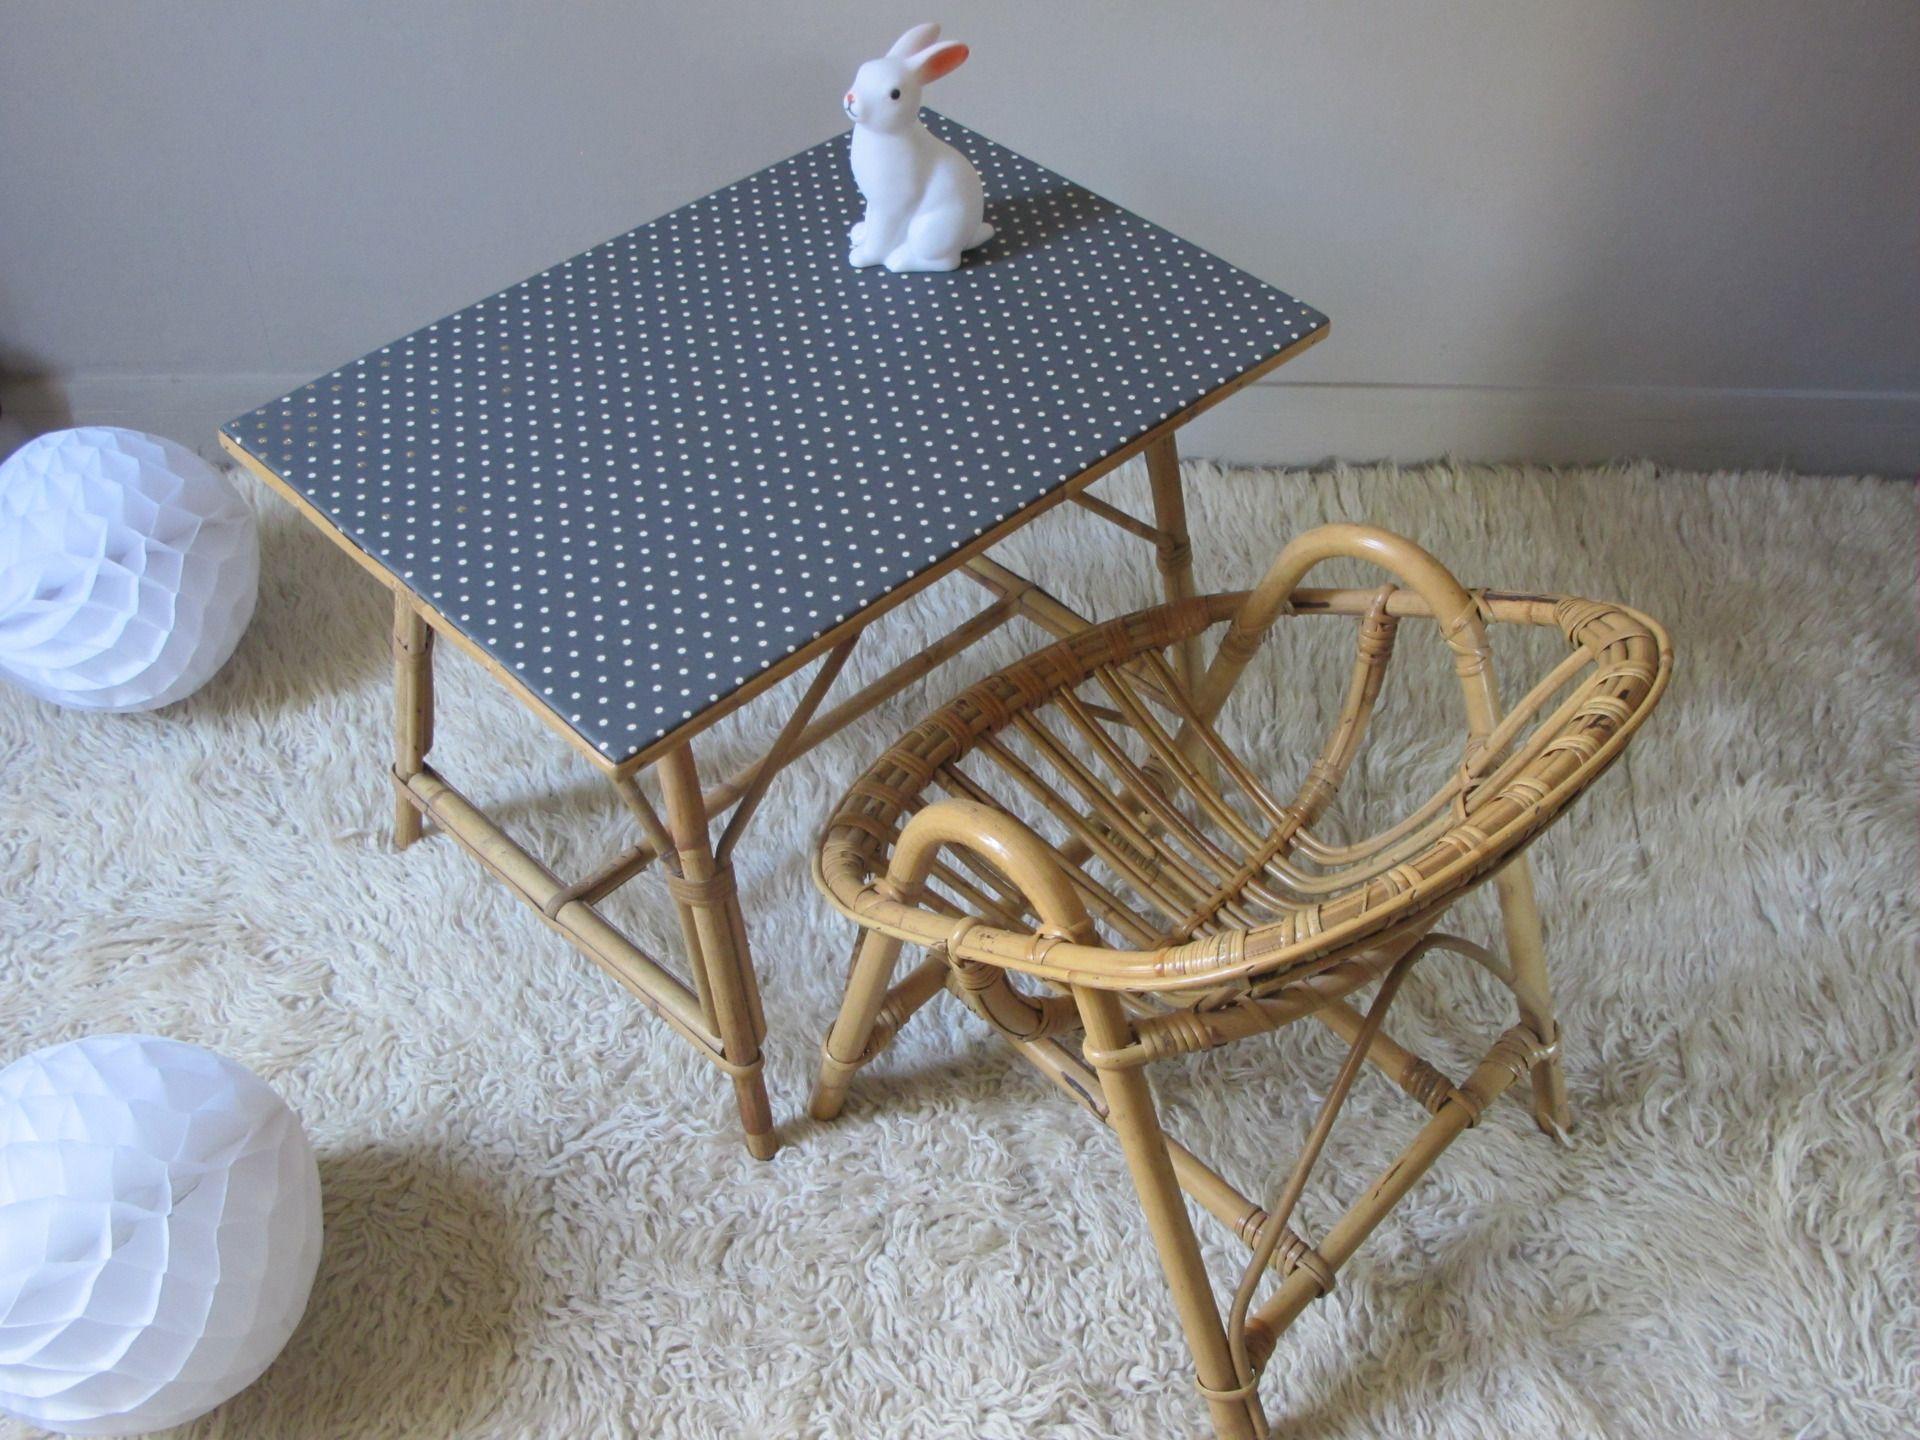 bureau et chaise rotin osier bambou vintage pour enfants Meubles